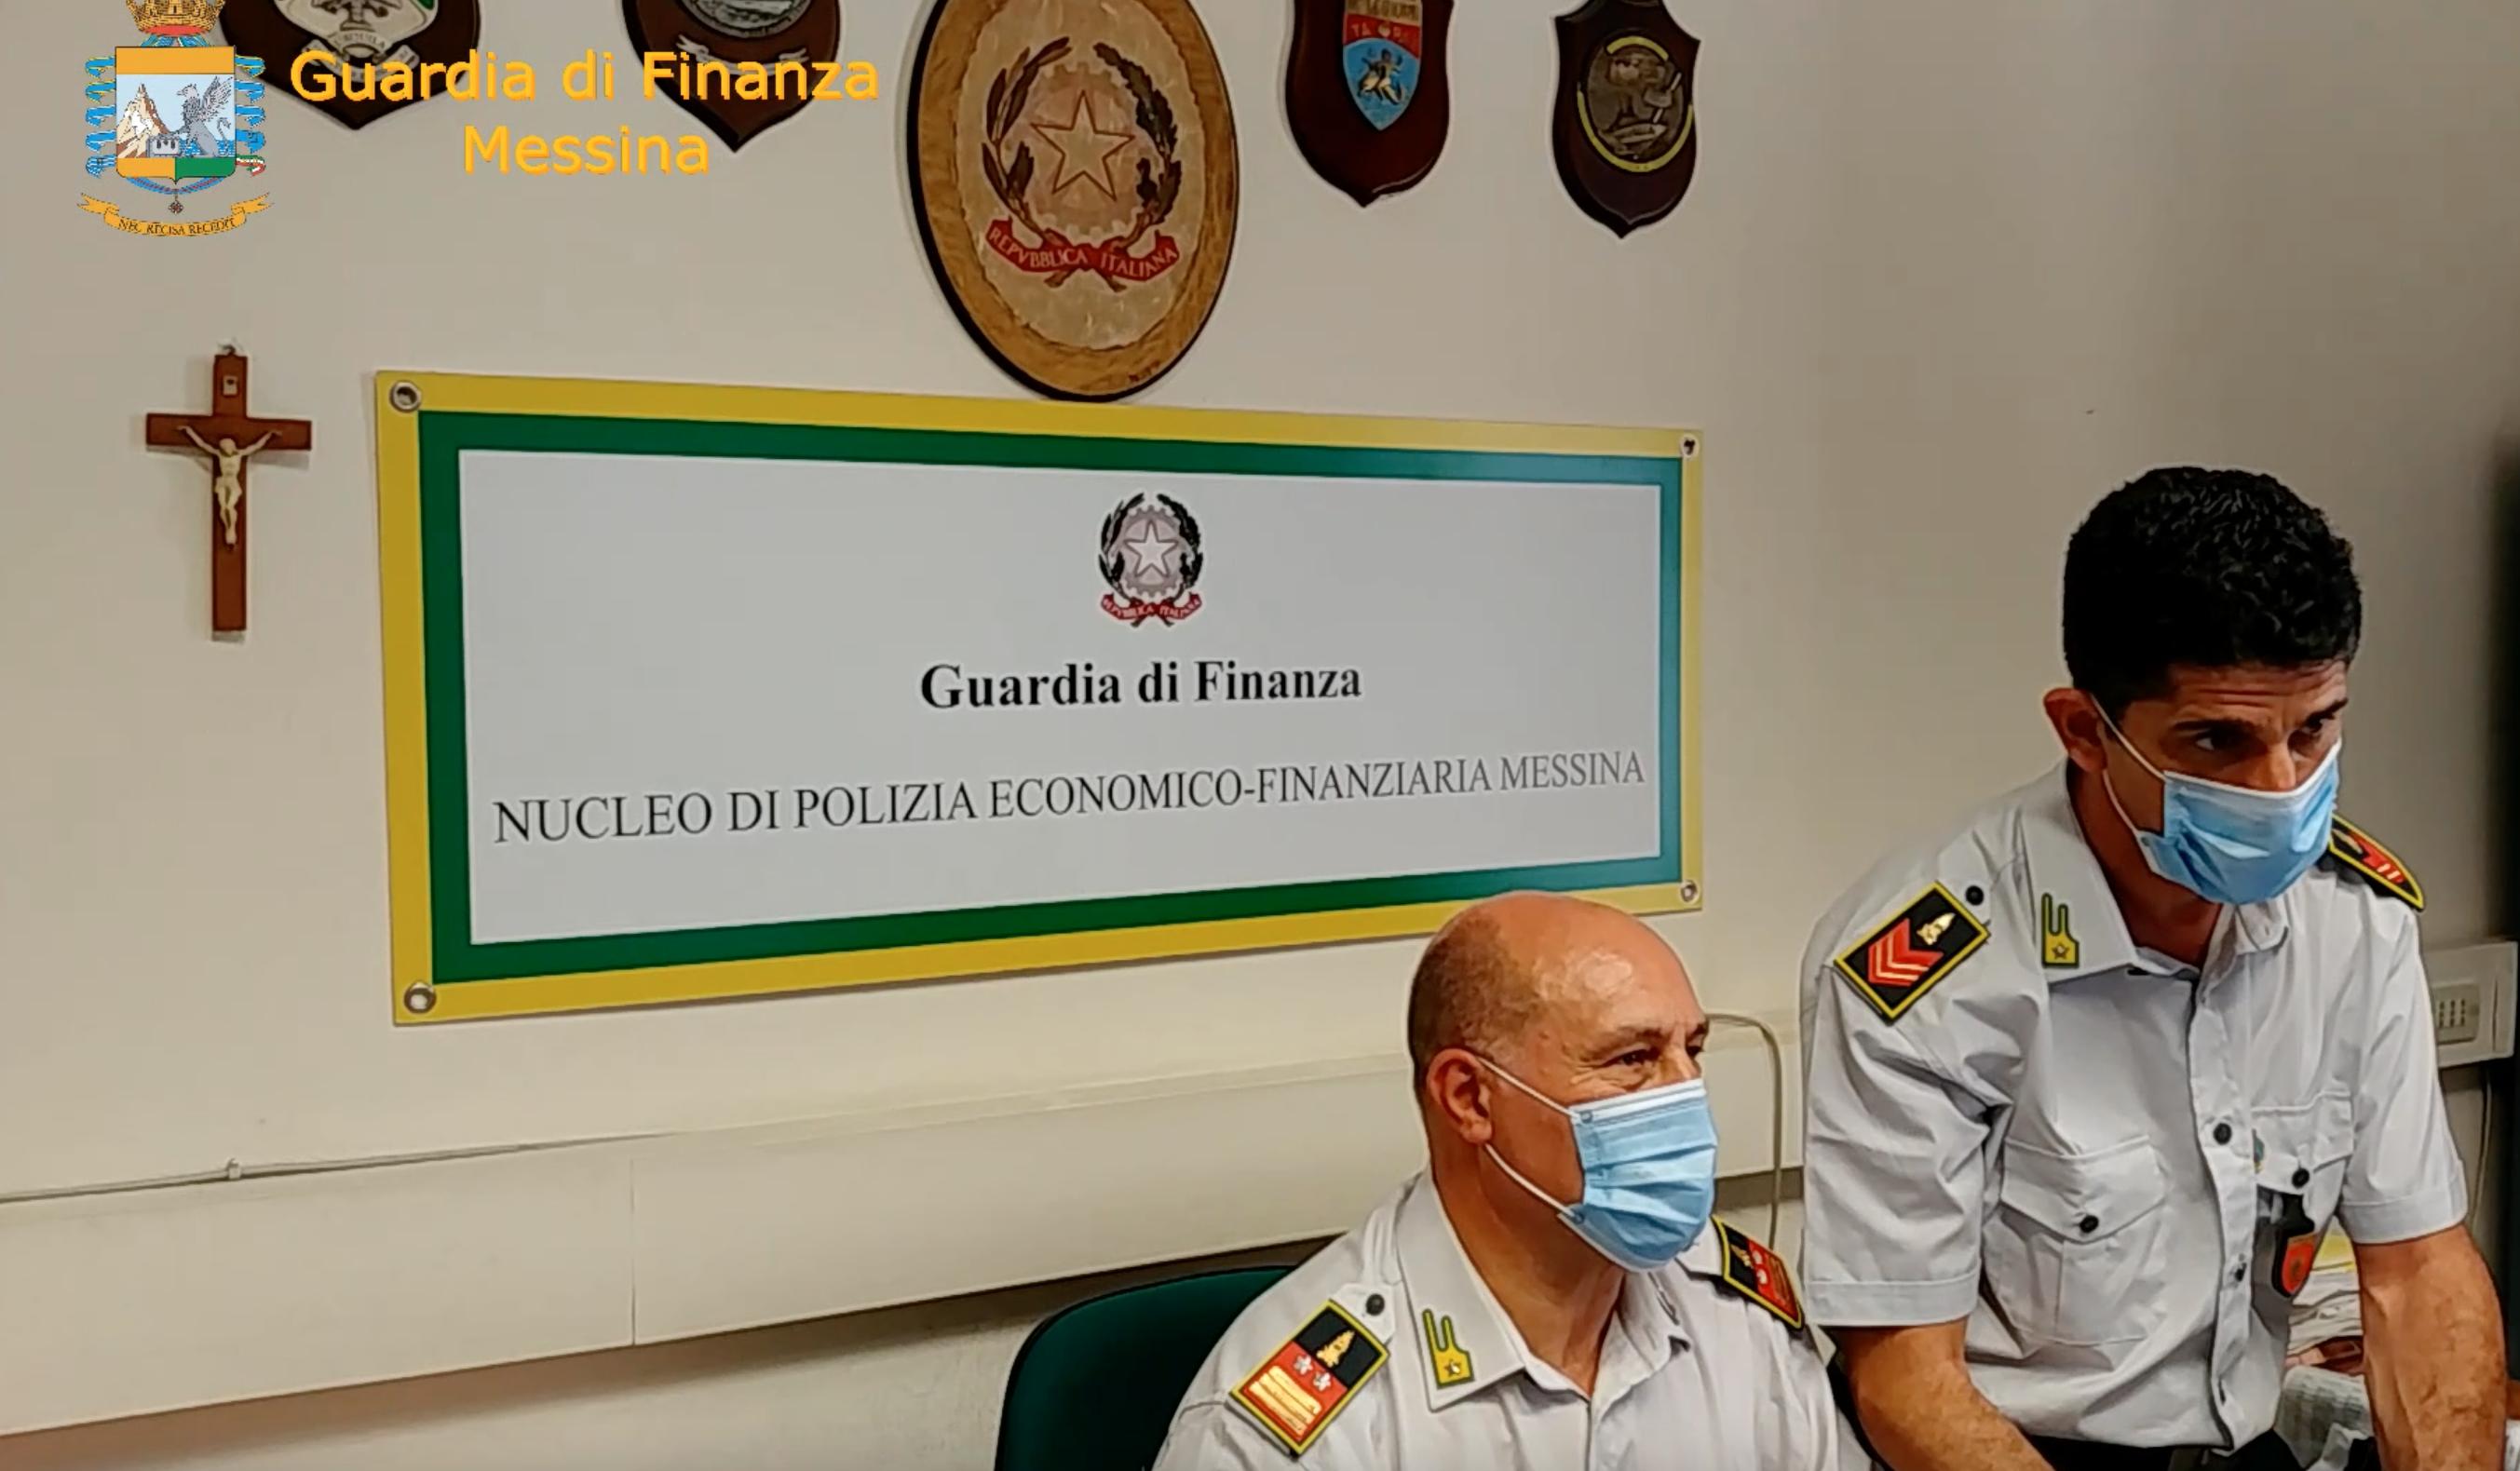 Scoperta frode al fisco di 7,5 milioni a Messina: sequestro di beni (VIDEO)